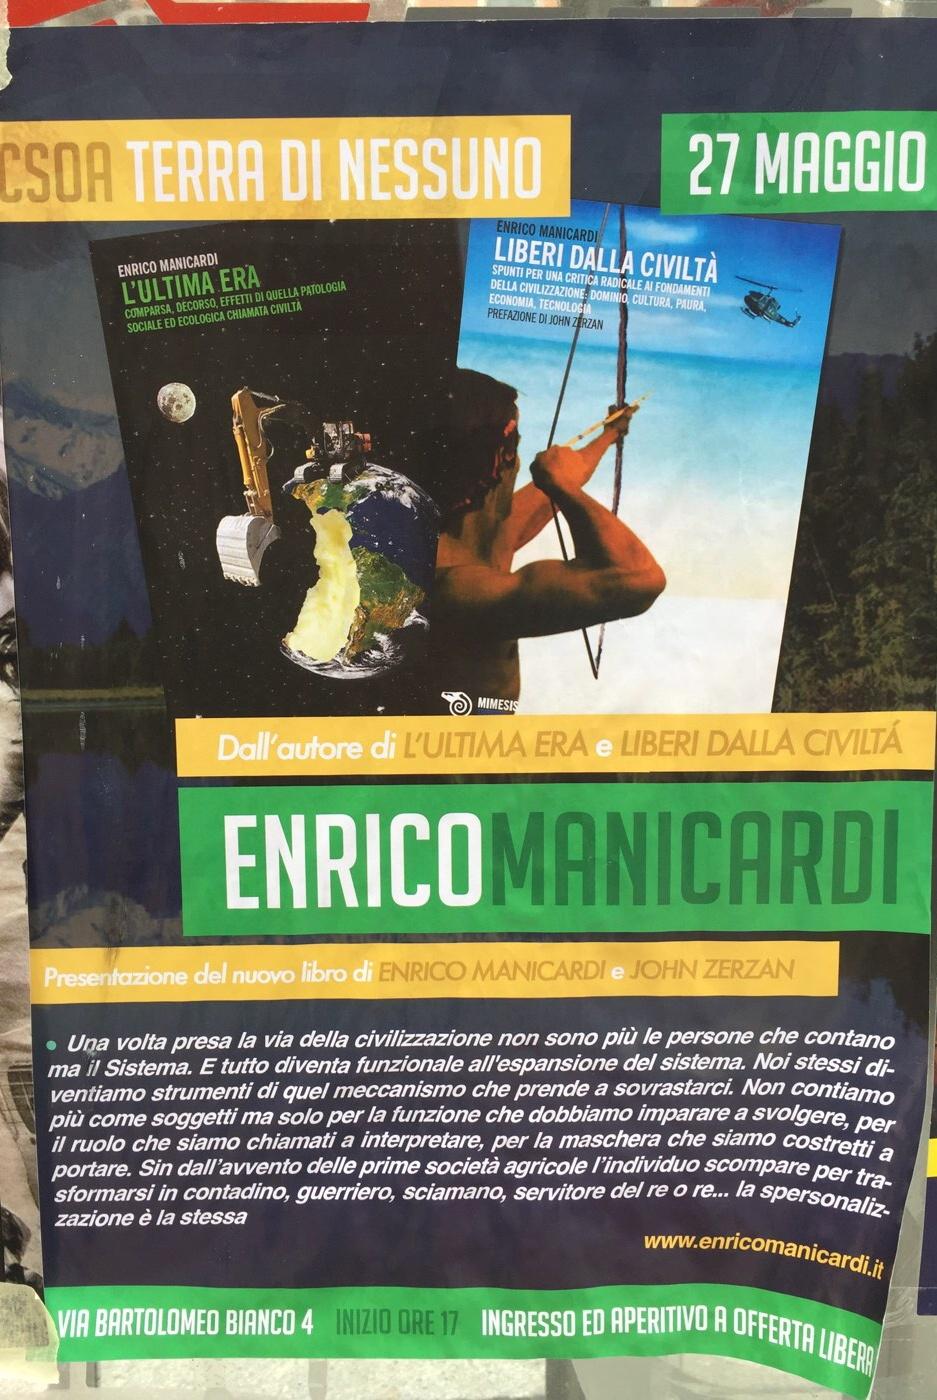 Presentazione del nuovo libro di Enrico Manicardi CSOA TDN - Terra Di Nessuno Via Bartolomeo Bianco 4, 16127 Genova Dal 27/05/2018 Al 27/05/2018 17:00 - 19:00